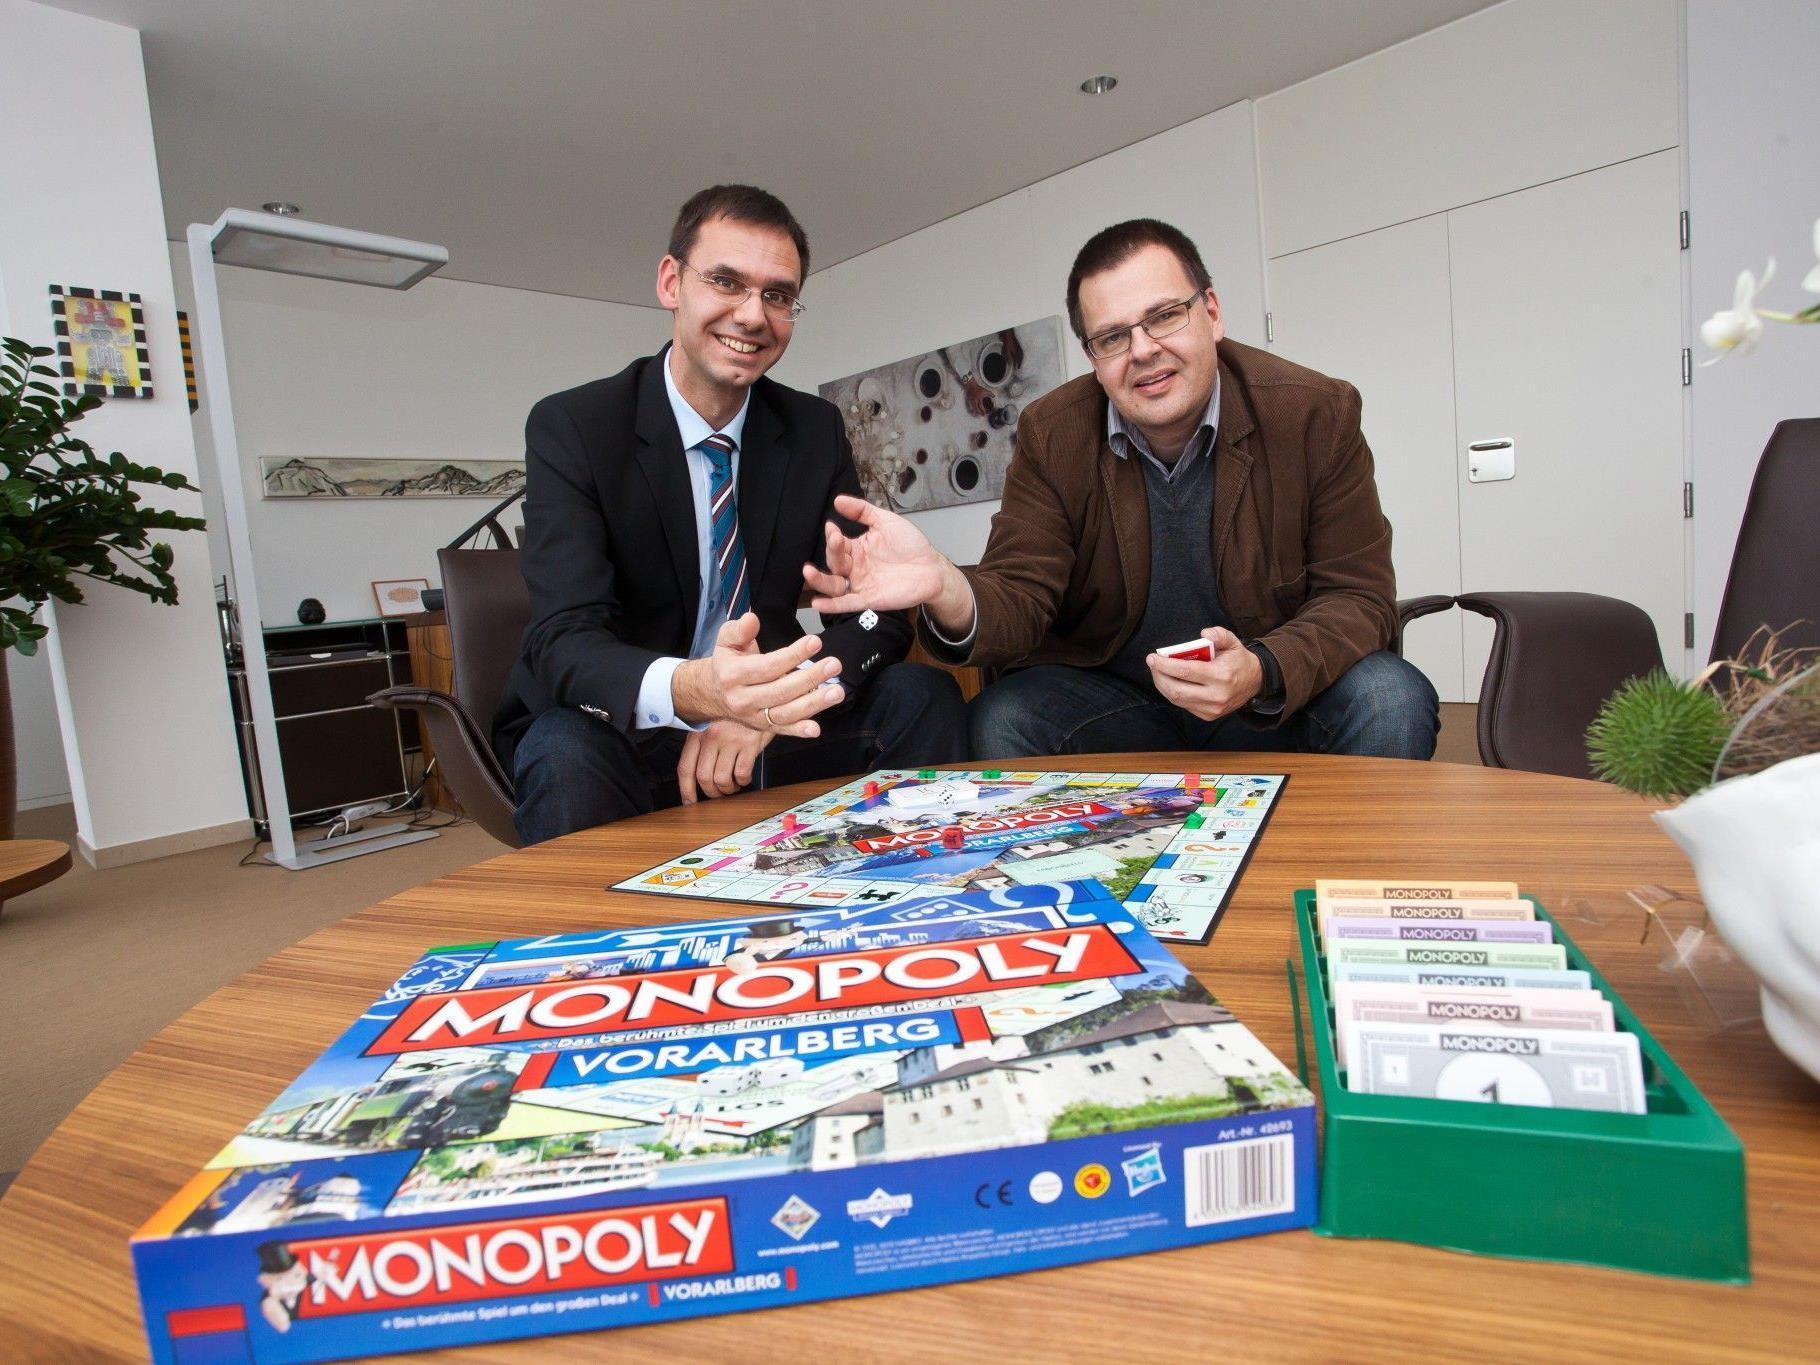 Monopoly mit Vorarlberger Straßennamen: LH Wallner zeigt sich begeistert.